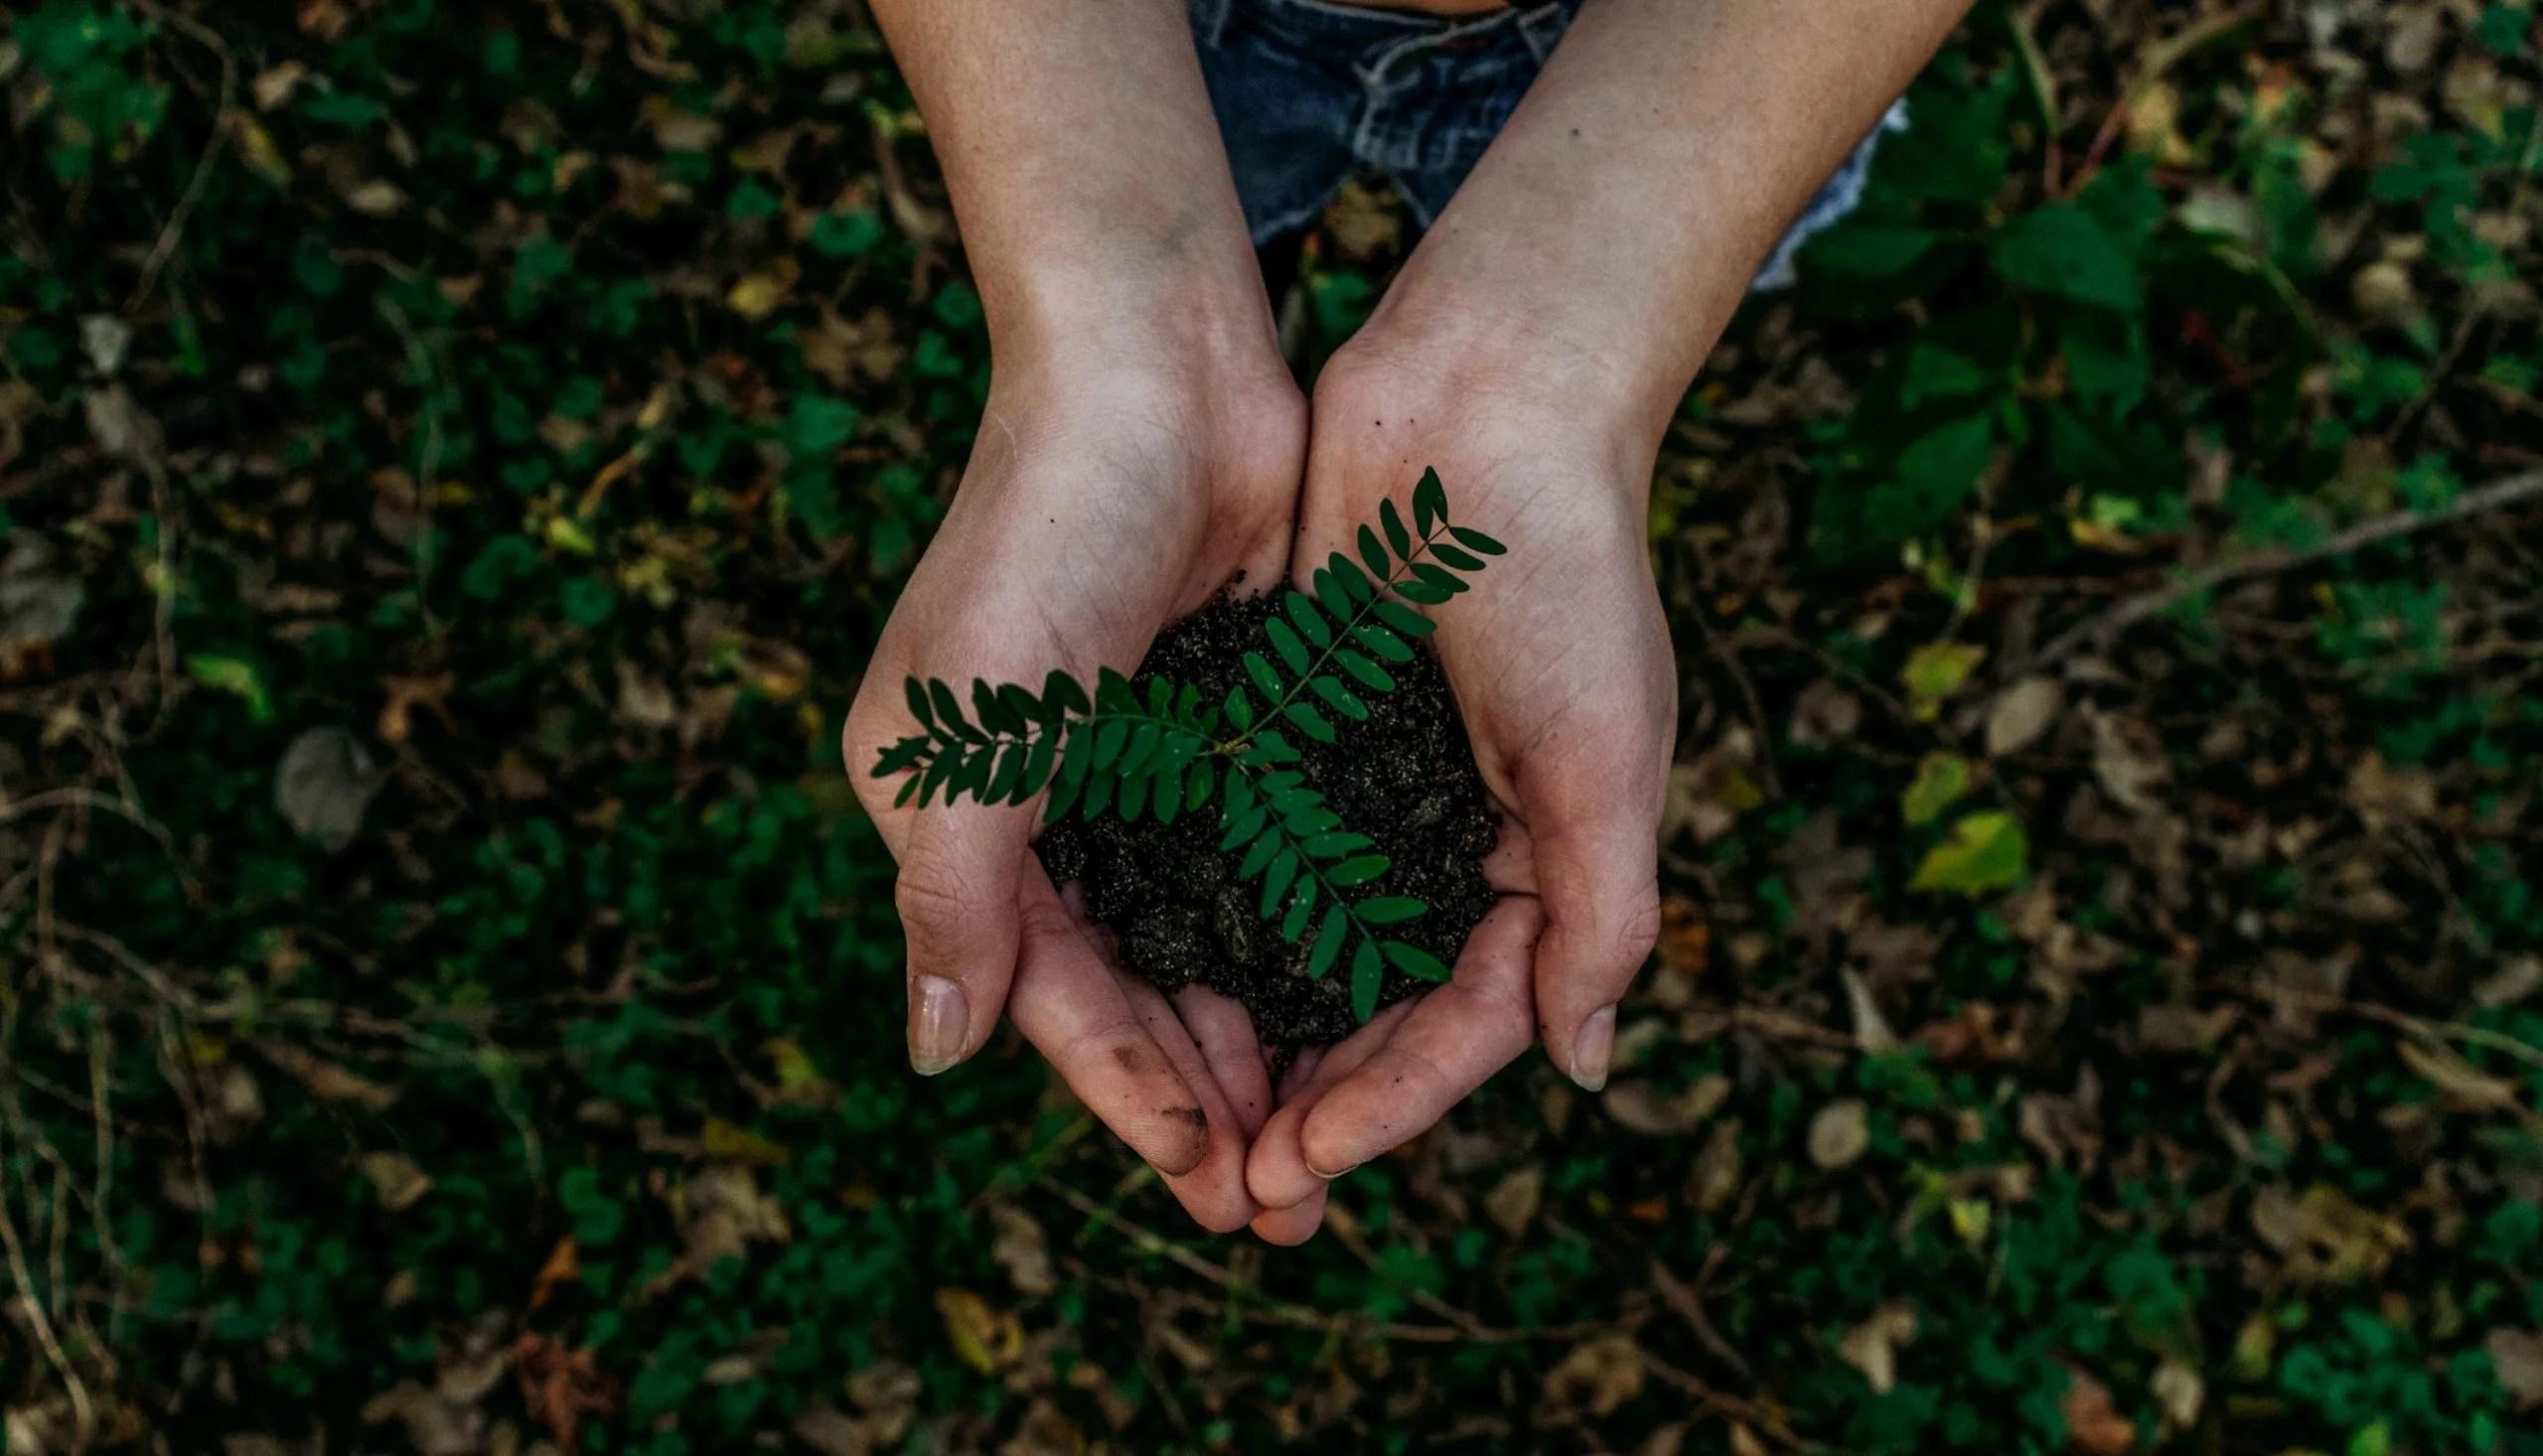 Imagen representando concienciación con la naturaleza